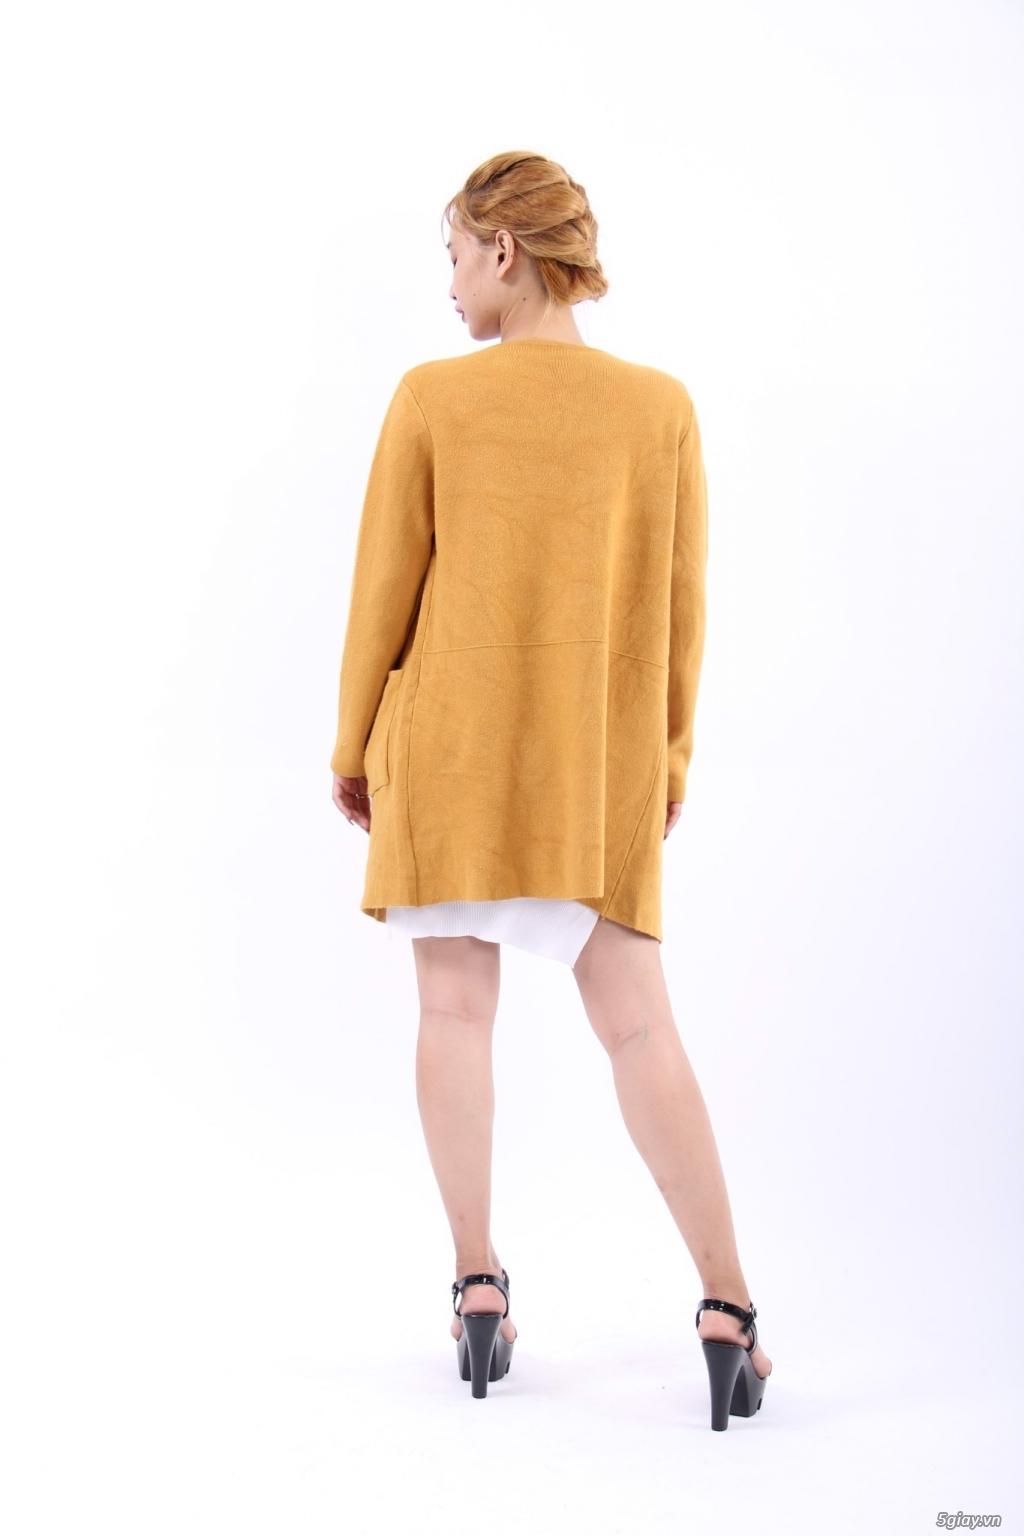 Wal House Fashion - Thương Hiệu Việt - Kiểu dáng đa dạng - 8